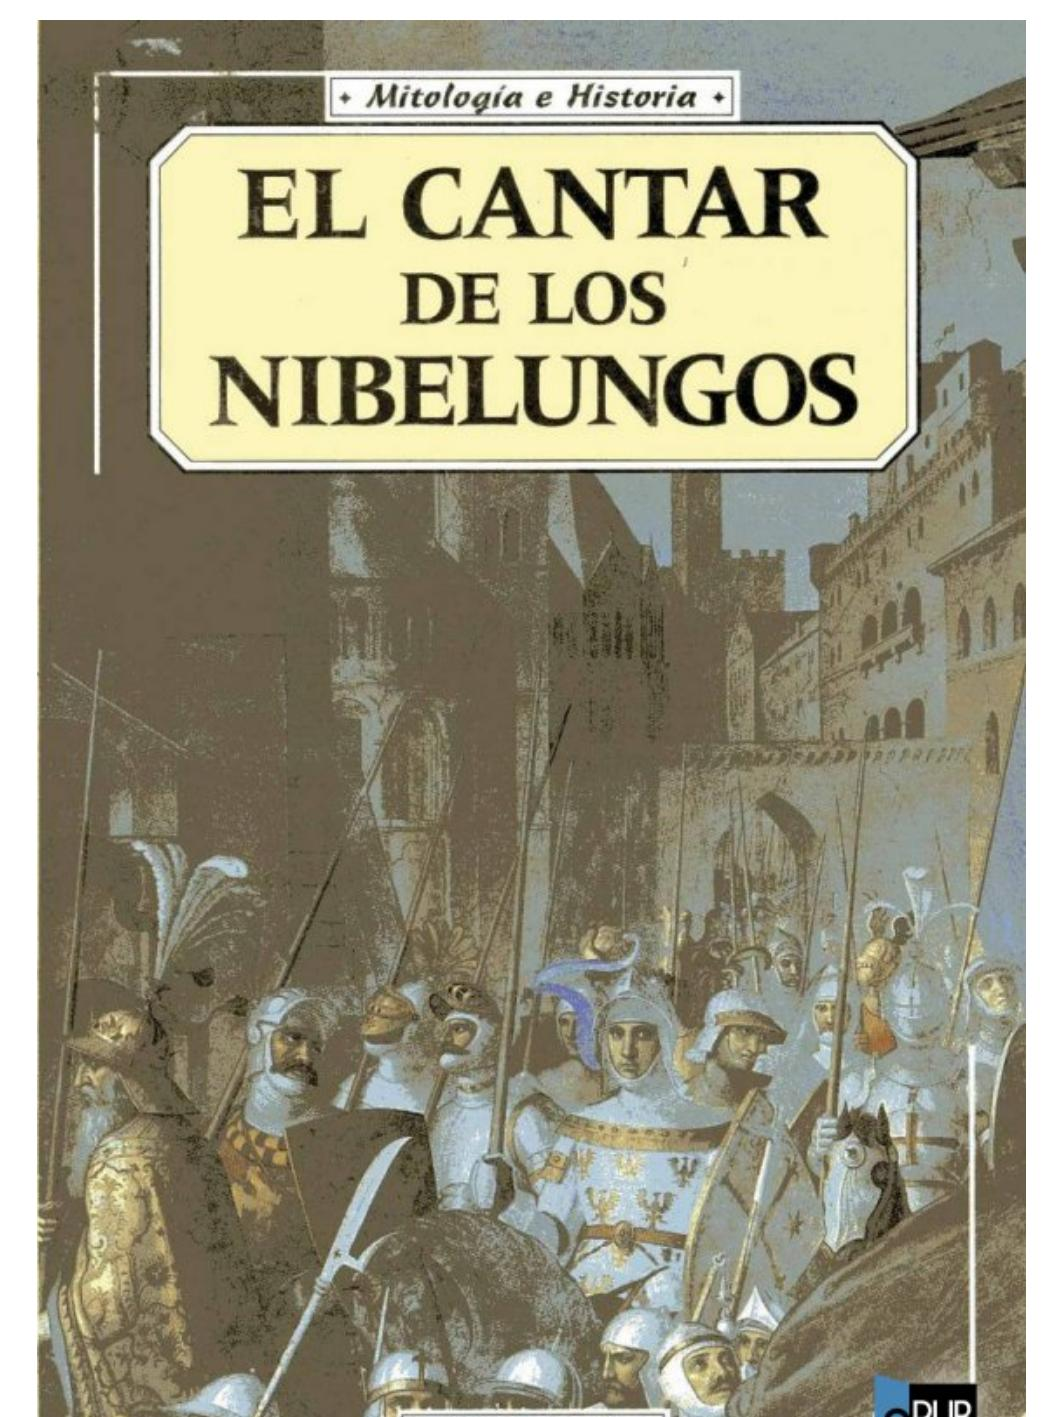 El Cantar De Los Nibelungos By Agus Petrillo Issuu